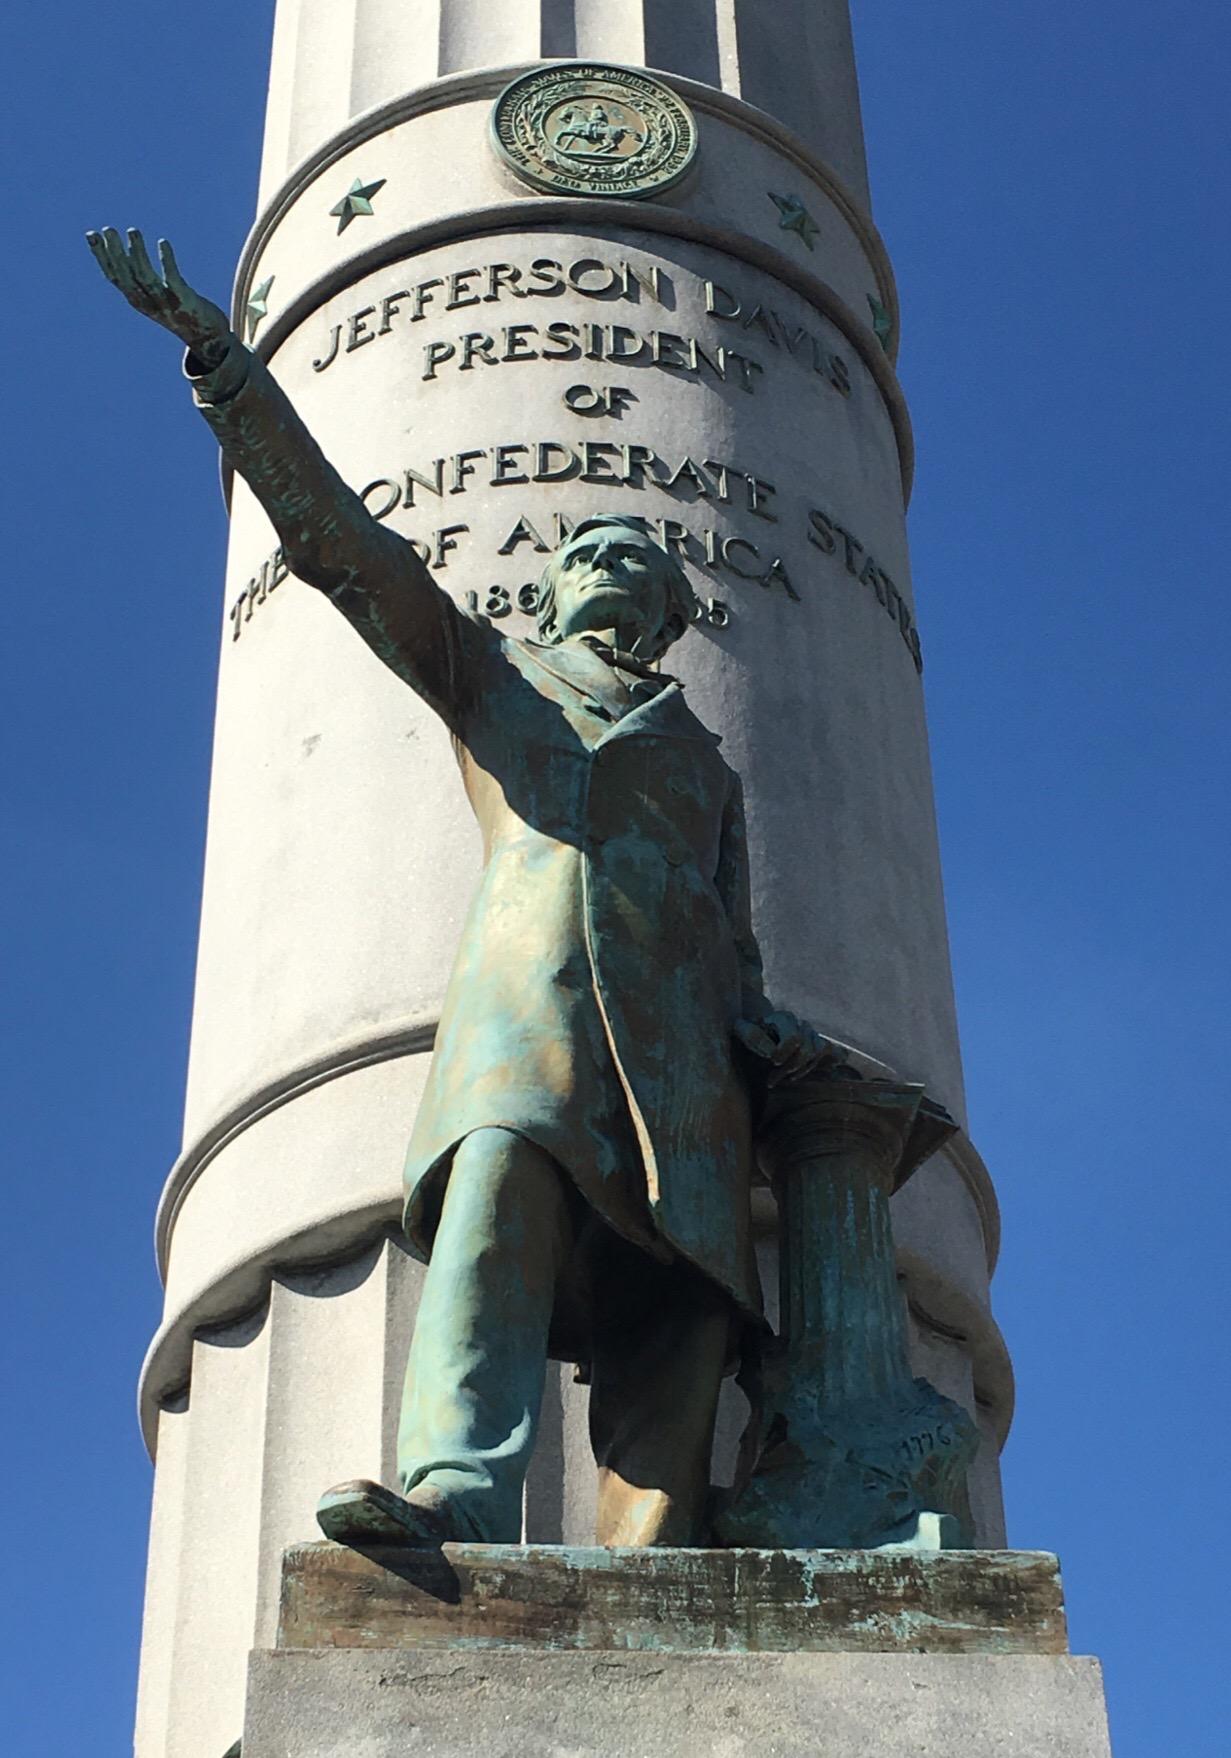 Jefferson Davis Bronze Statue, President Of The Confederate States Of America